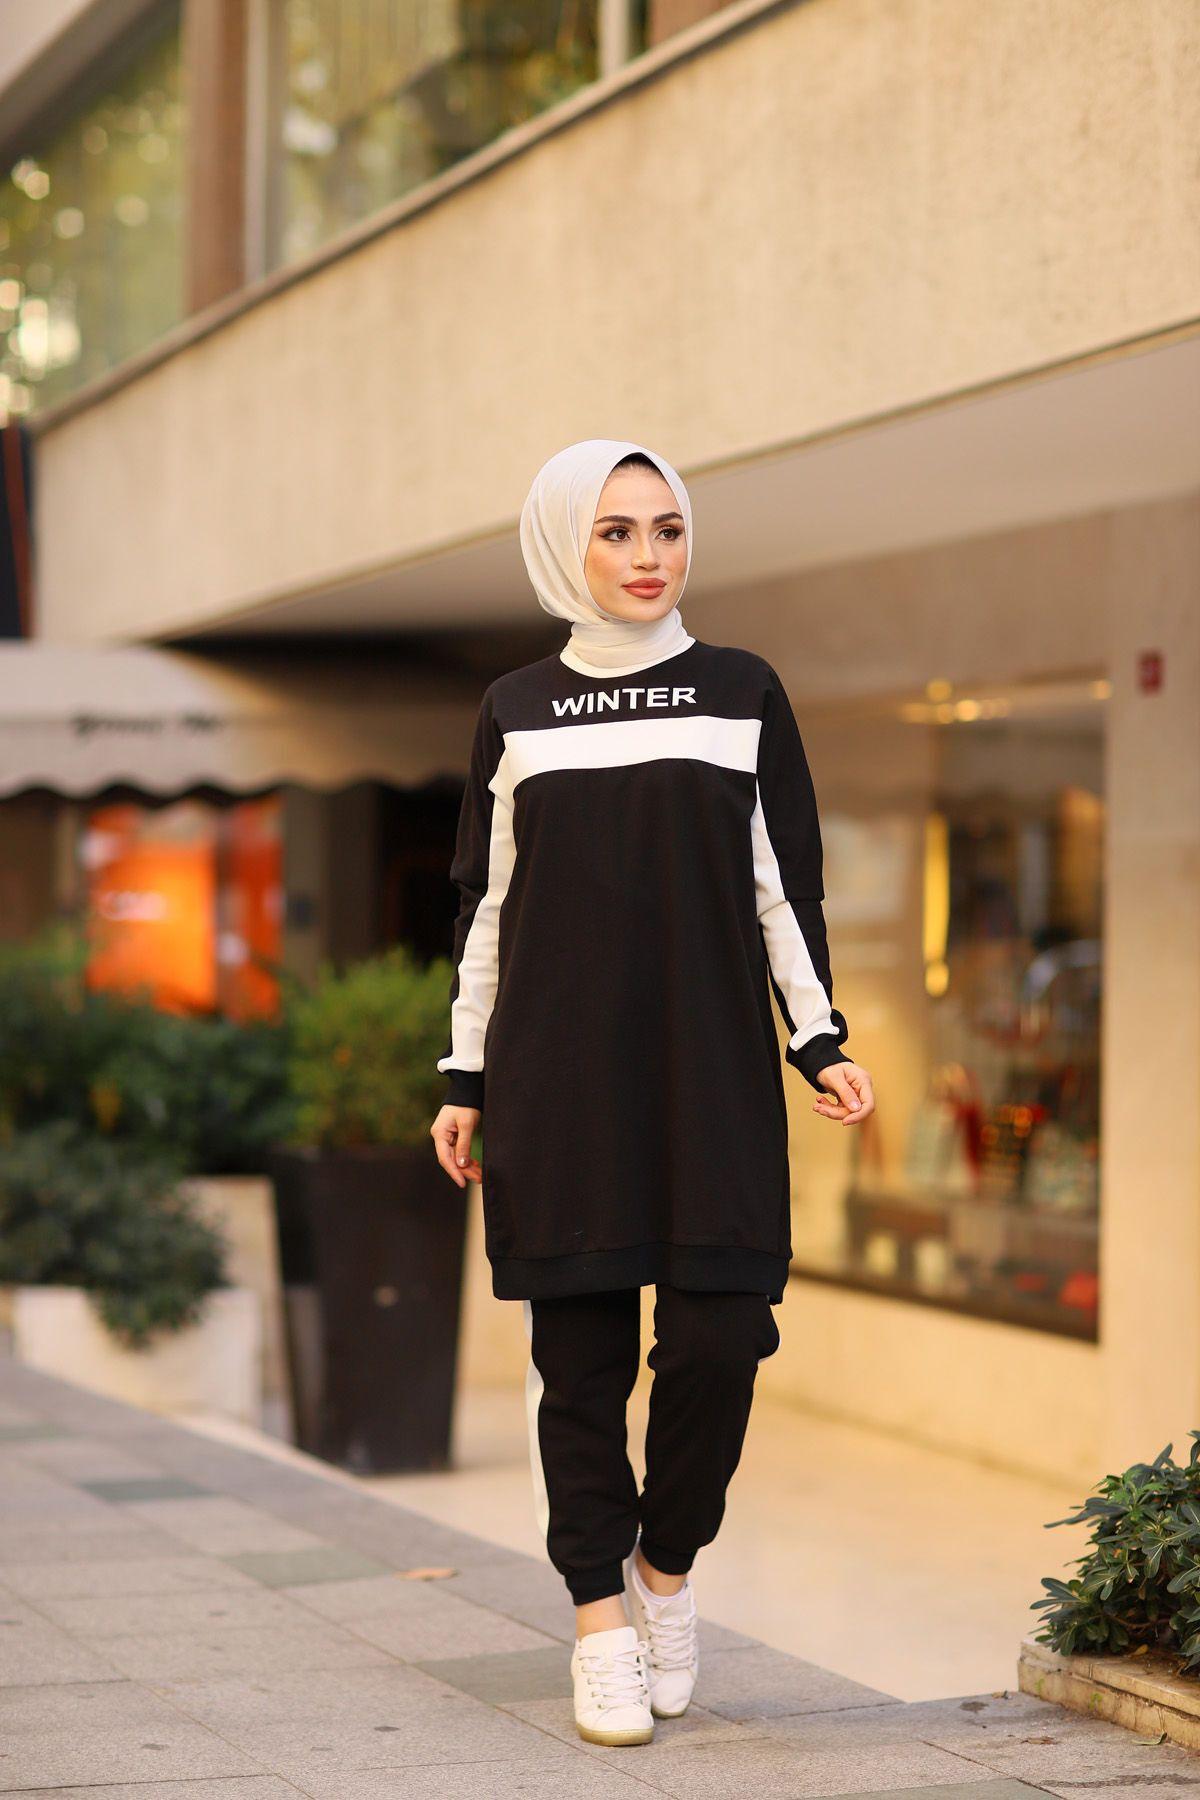 Winter Baskili Siyah Tesettur Kombin 2020 Moda Kiz Elbiseleri Moda Kiyafetler